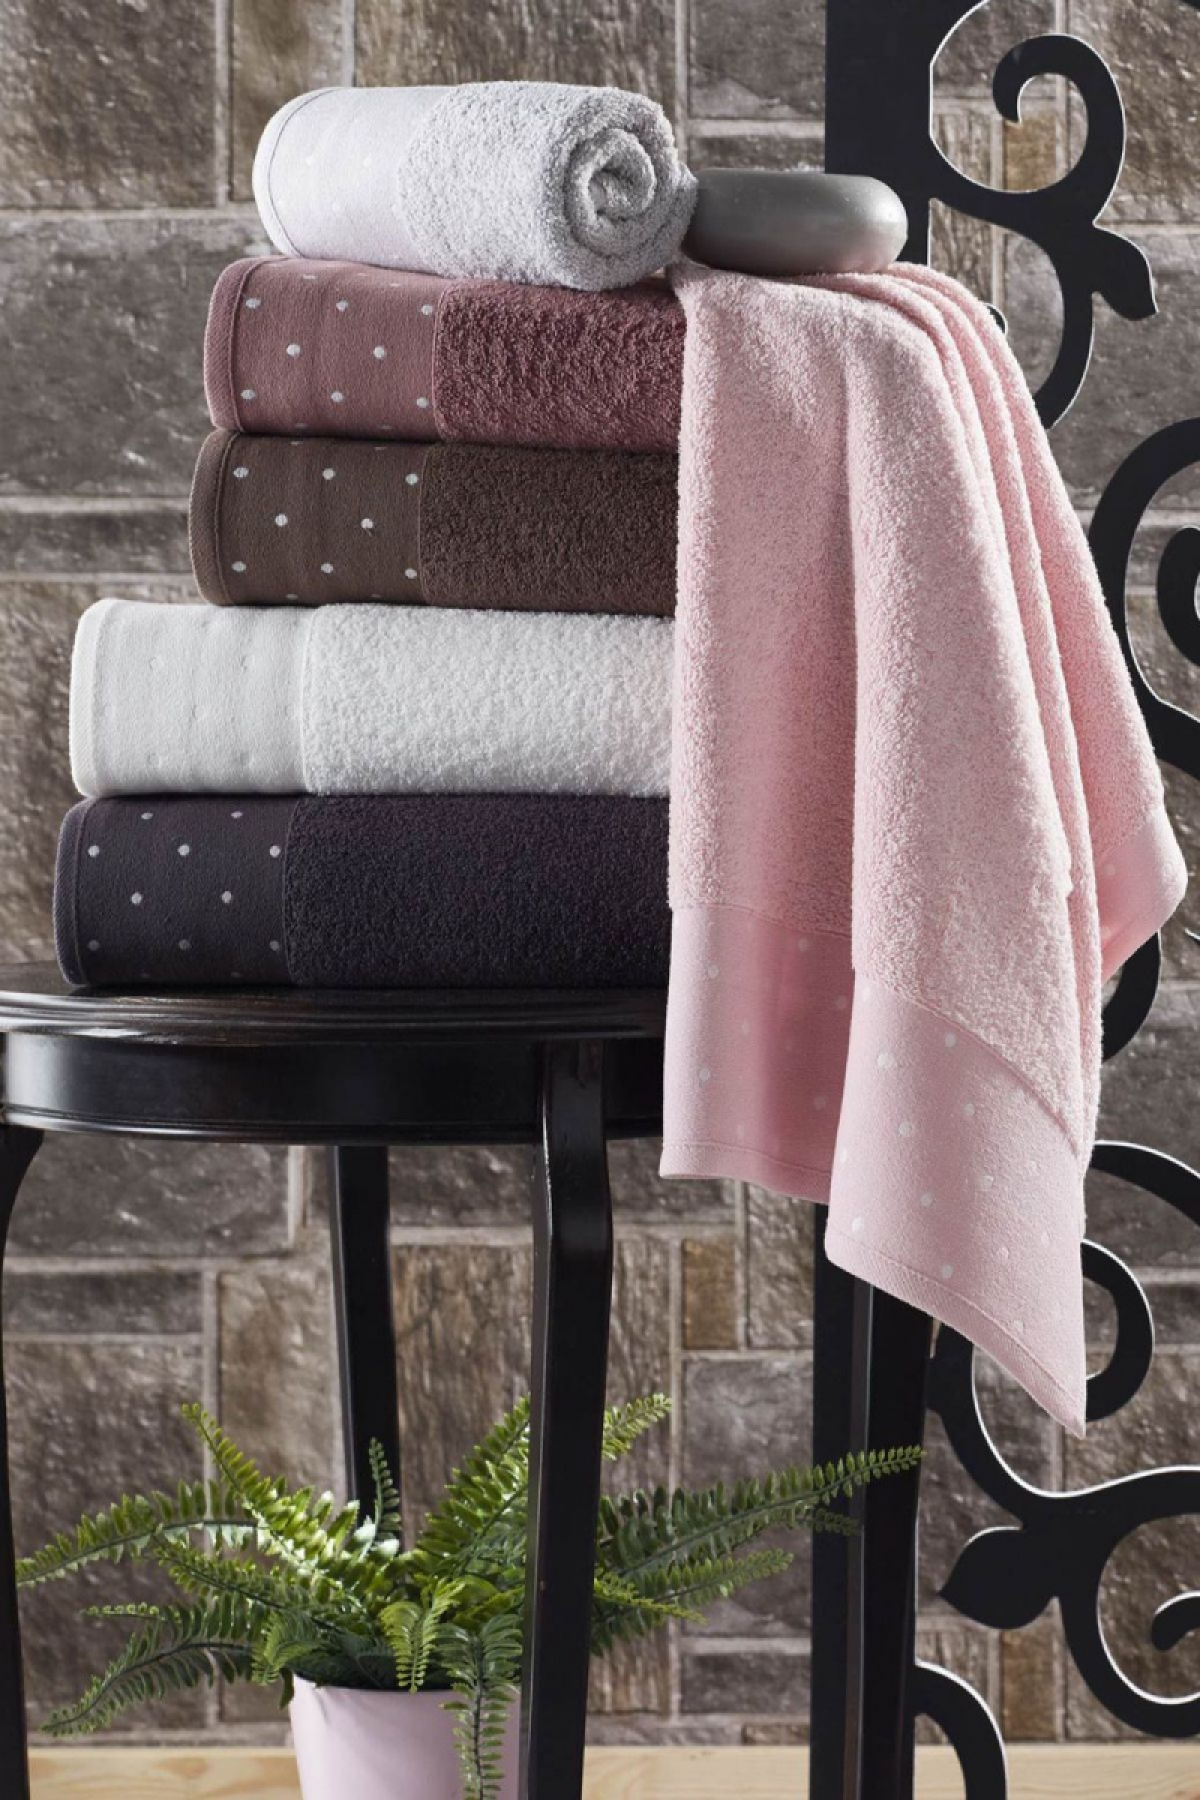 Durul Unisex Yetişkin Banyo Havlusu Ece Bukle Jakarlı Puanlı Desen 70x140 - Thumbnail